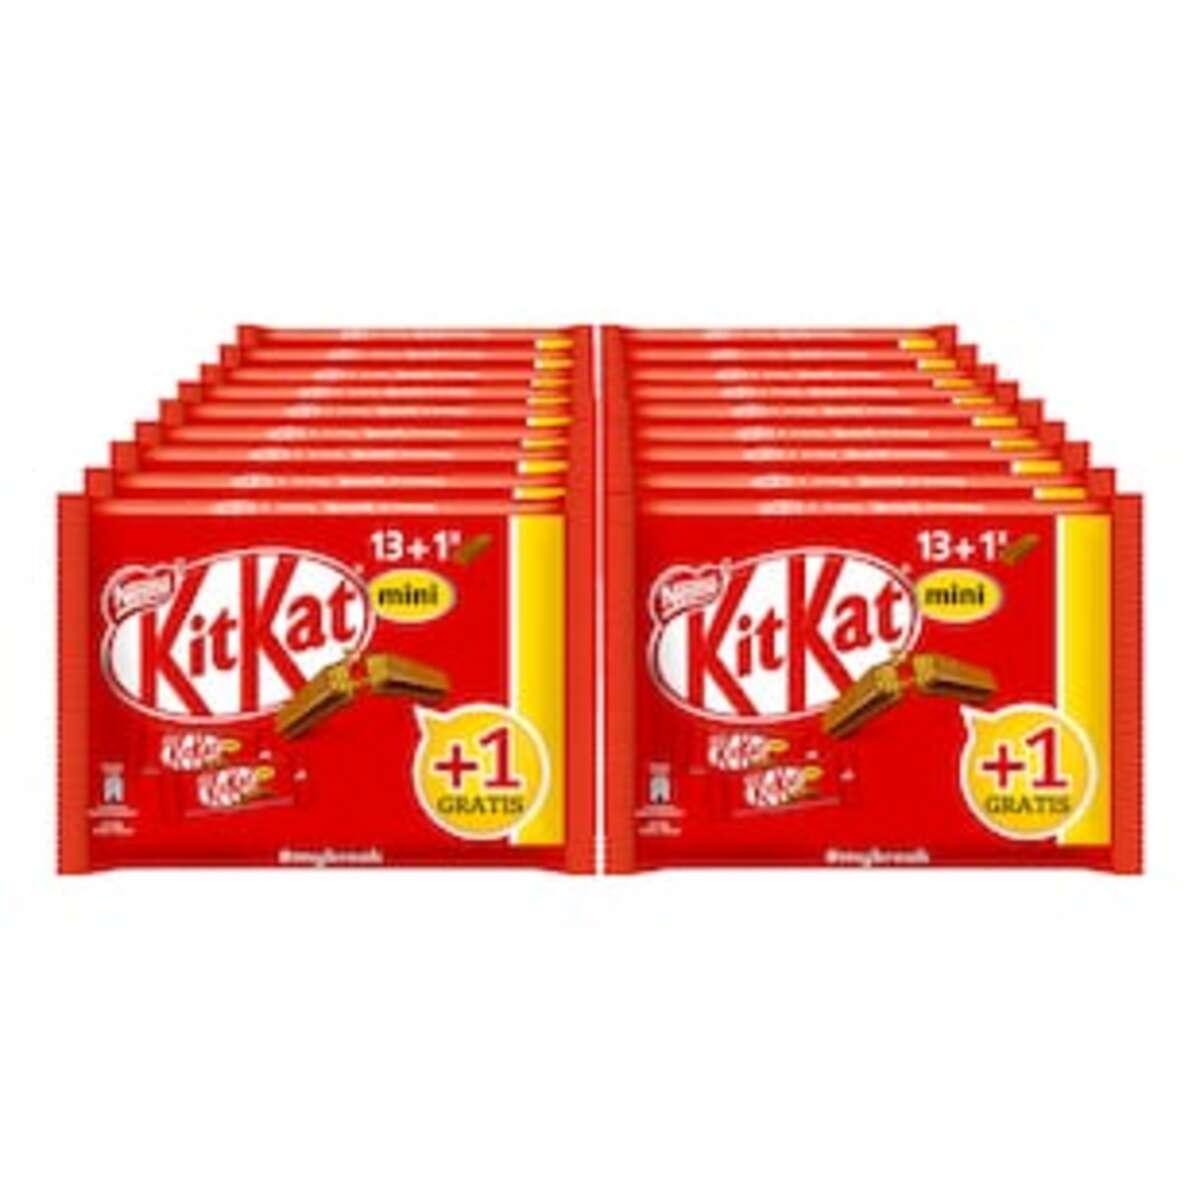 Bild 2 von Kit Kat Minis +1 233g, 18er Pack